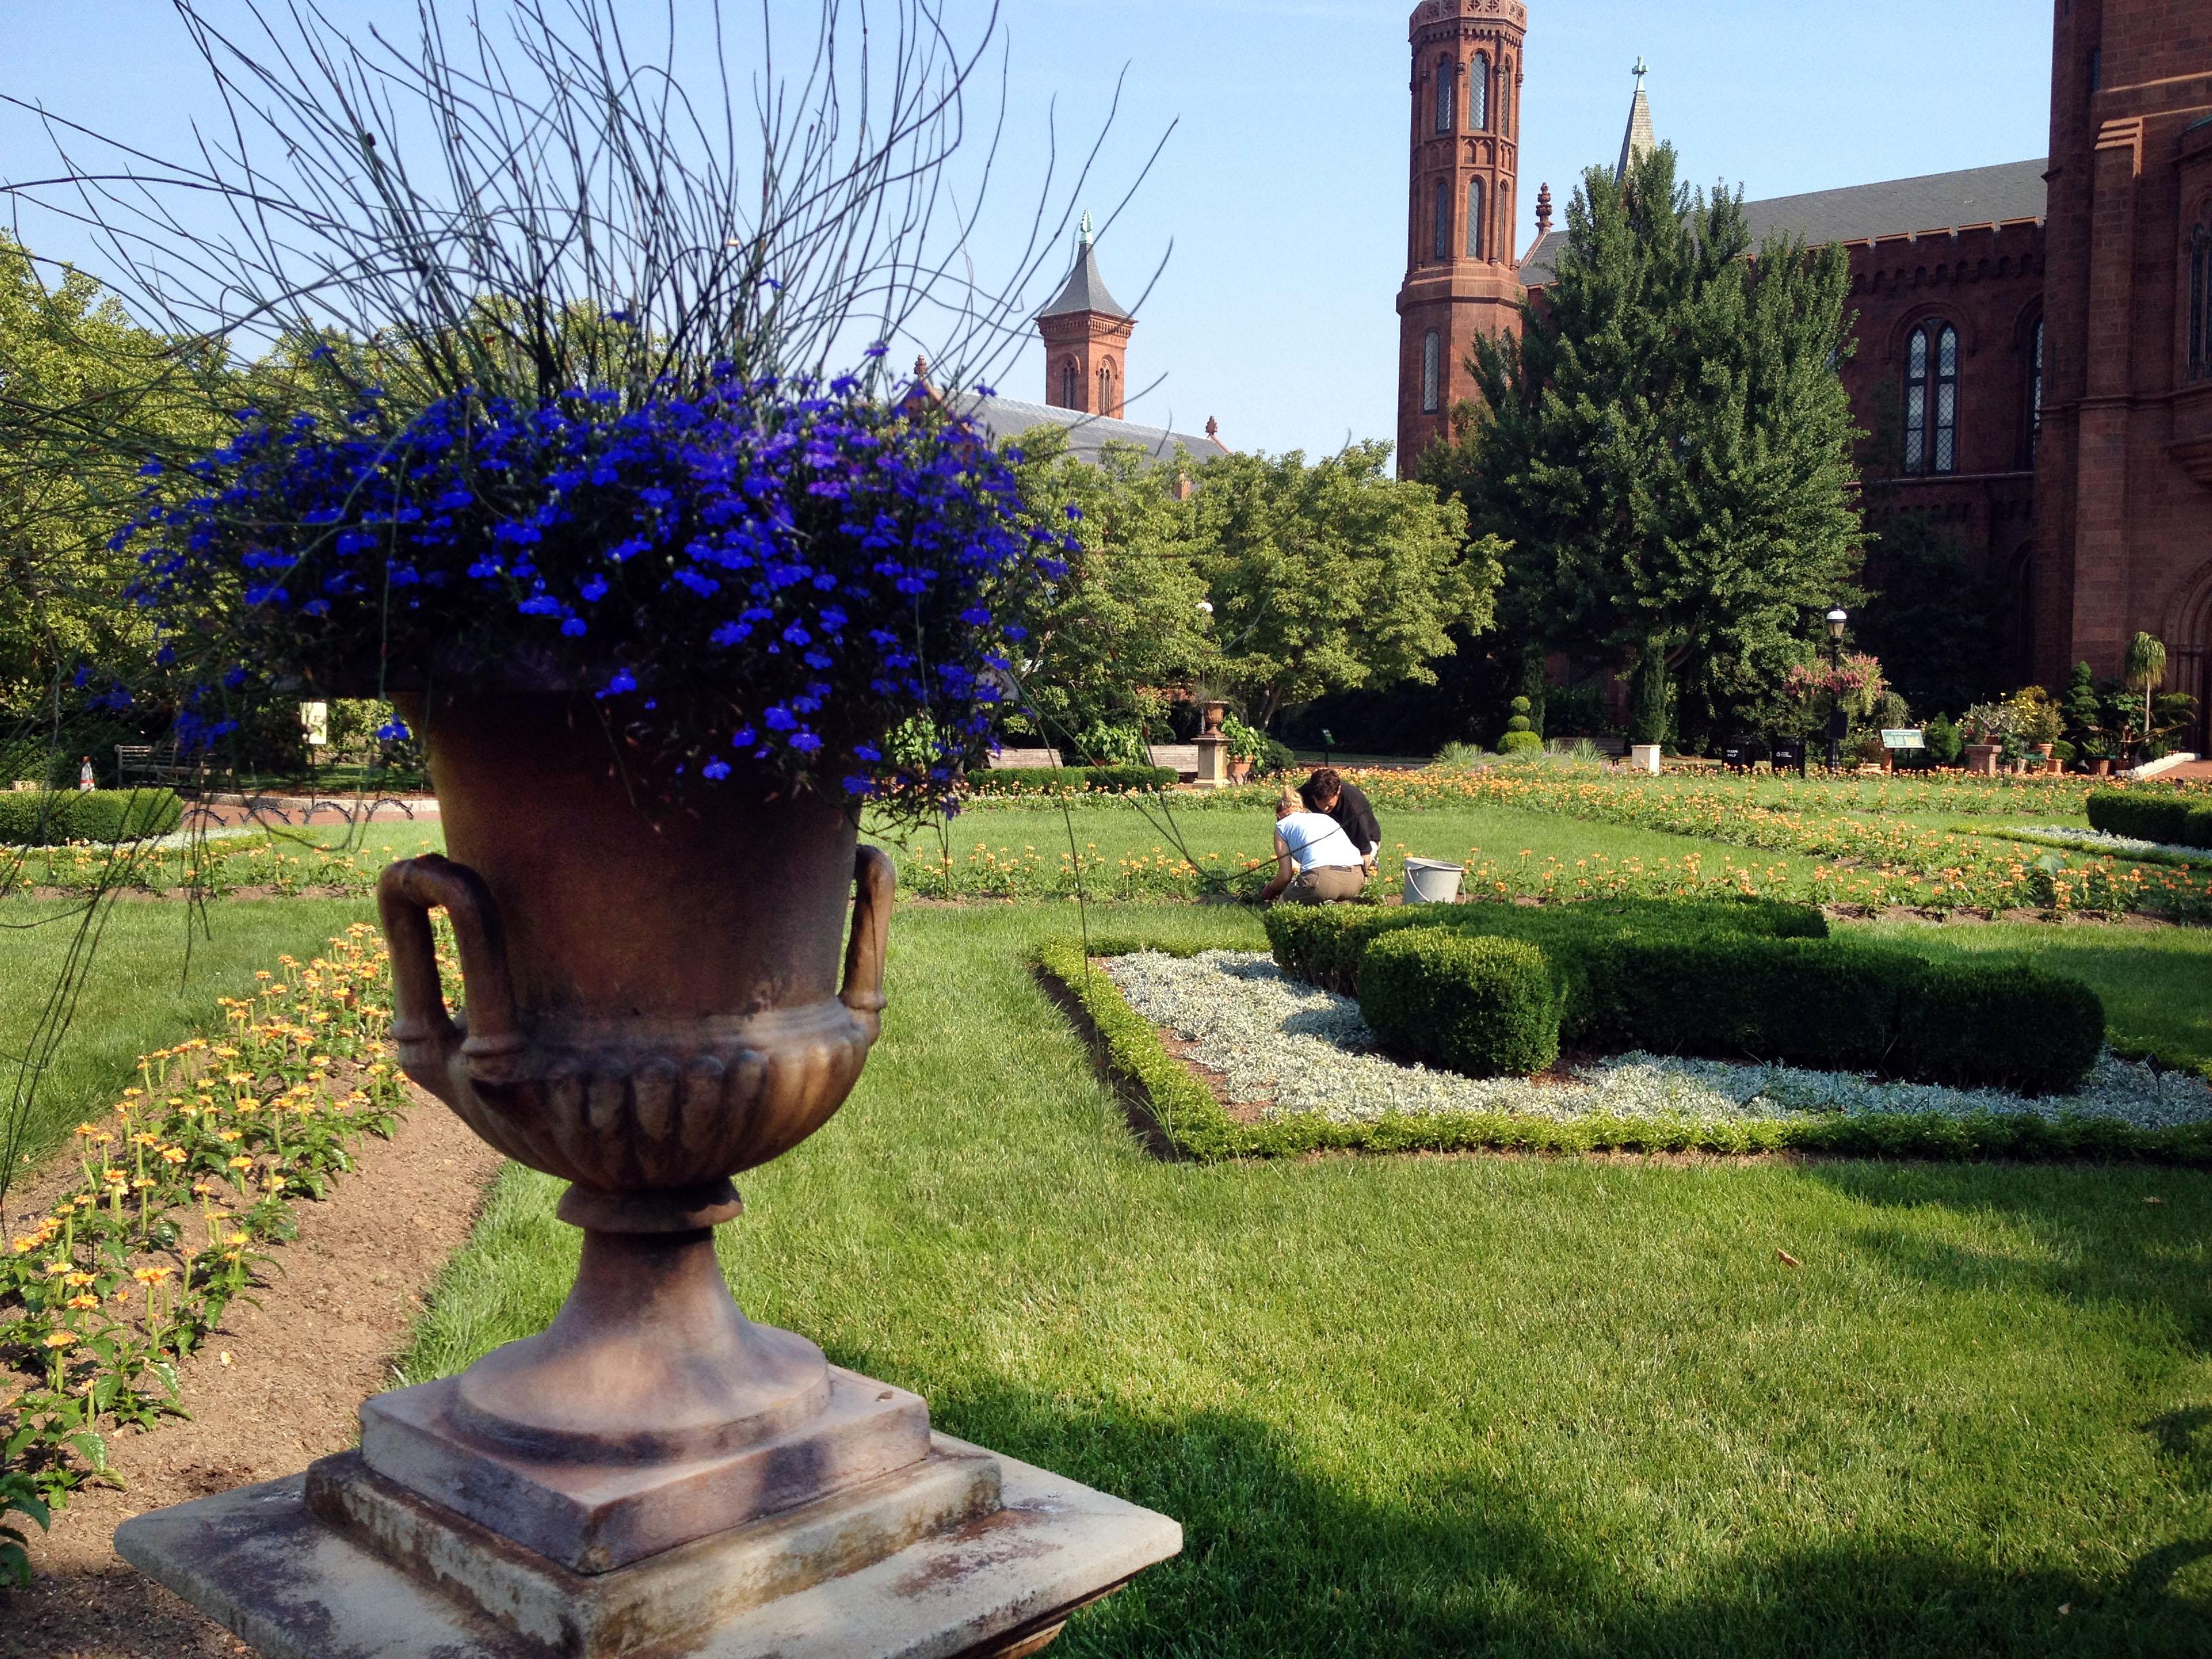 File:Smithsonian Haupt Garden Urn